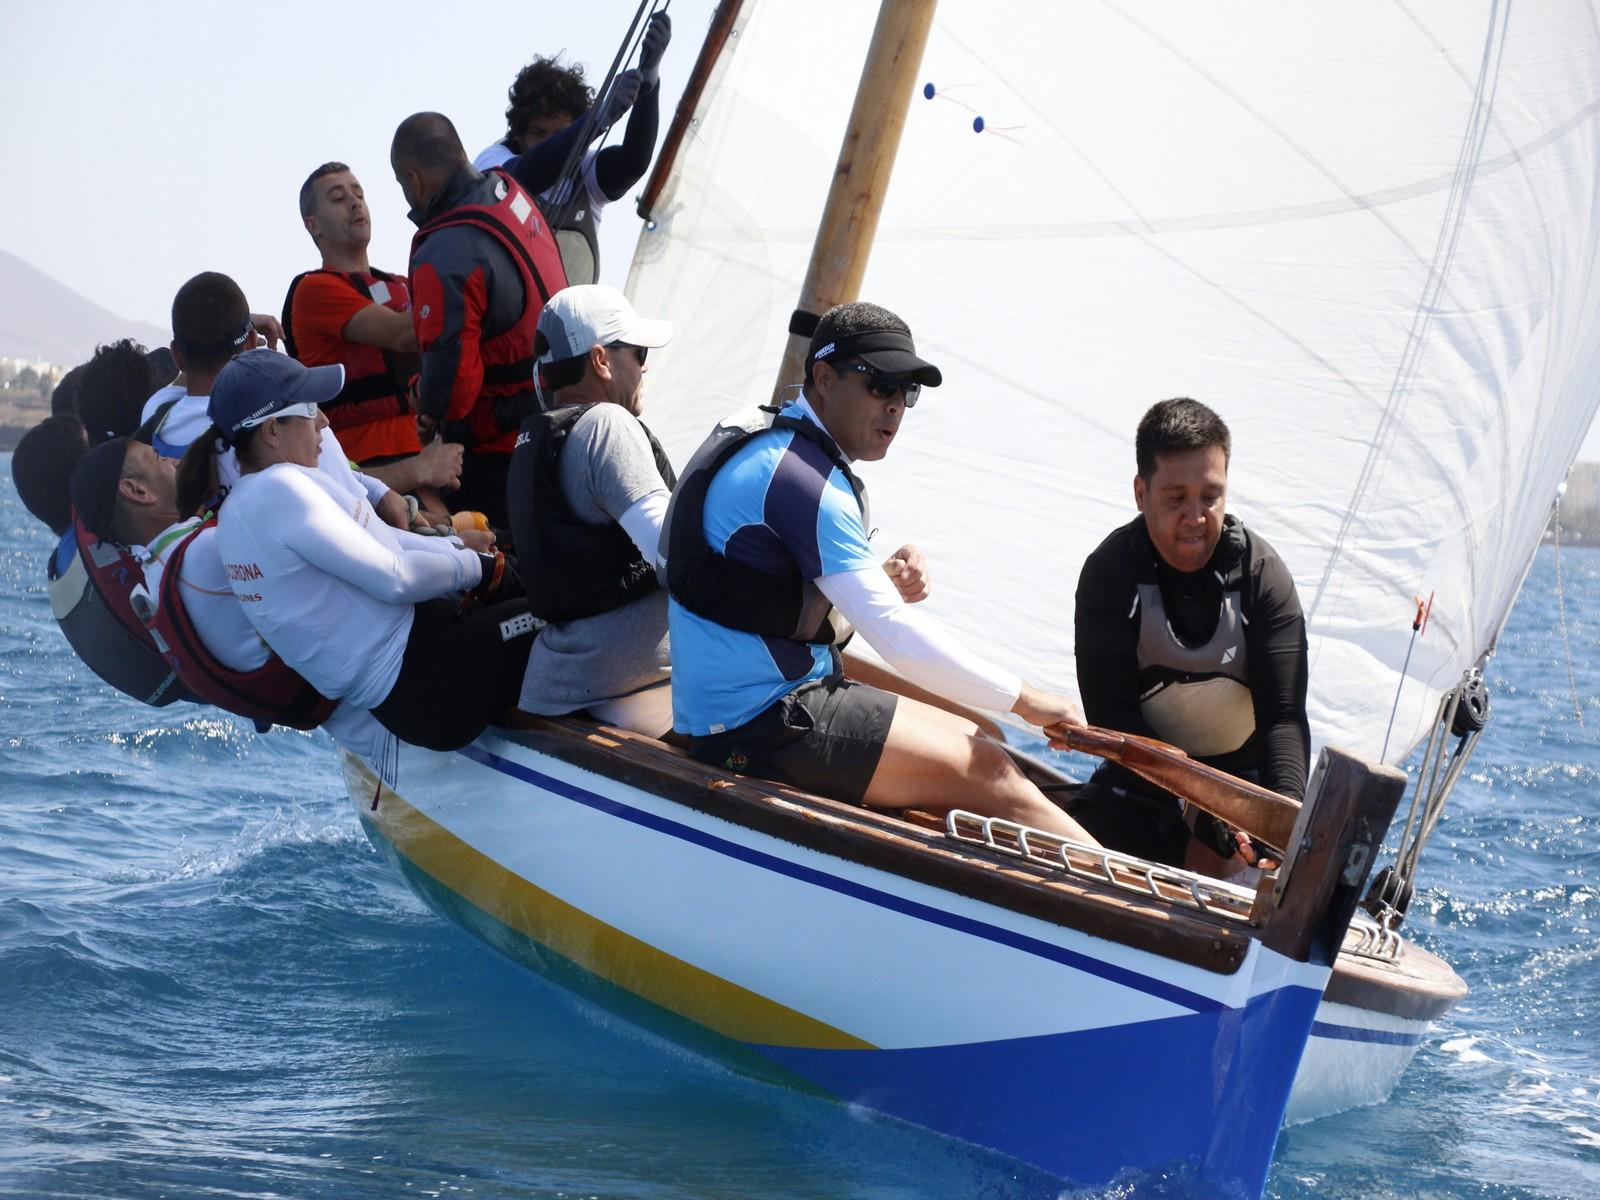 El viento podría dificultar la sexta regata de la Liga Insular de 8,55 Metros